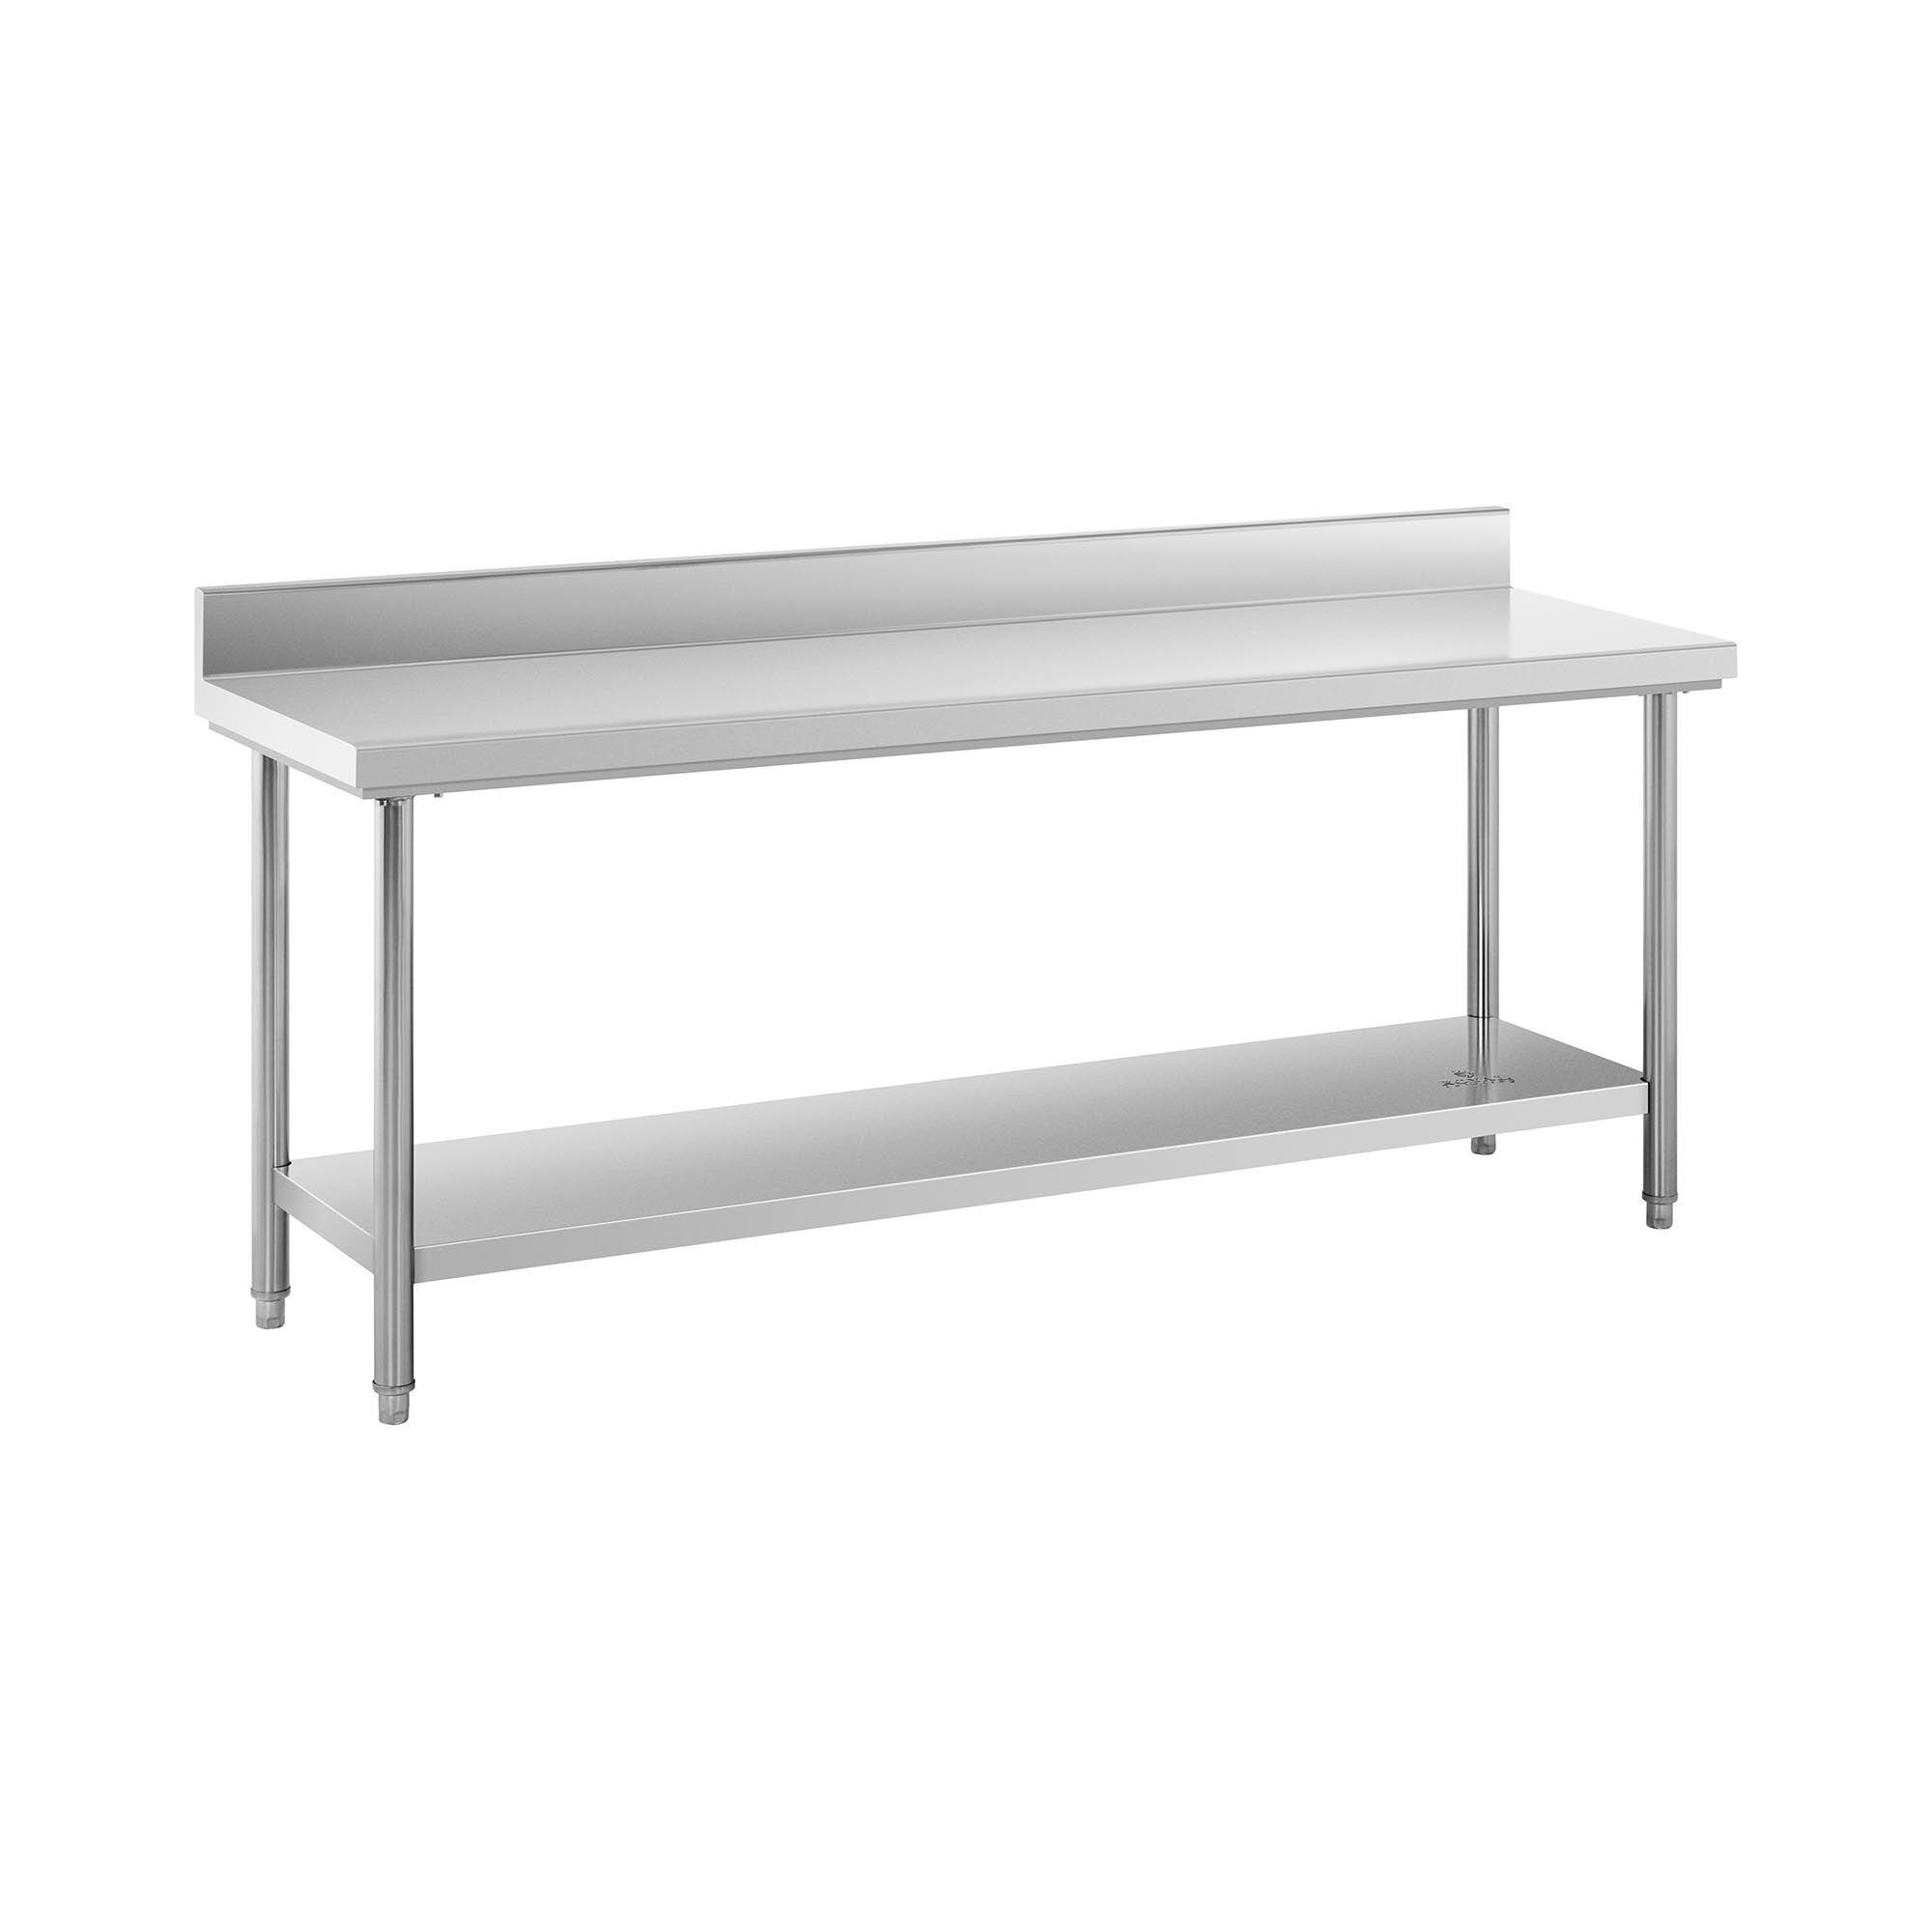 Royal Catering Table de travail inox avec dosseret - 200 x 60 cm - Capacité de 160 kg